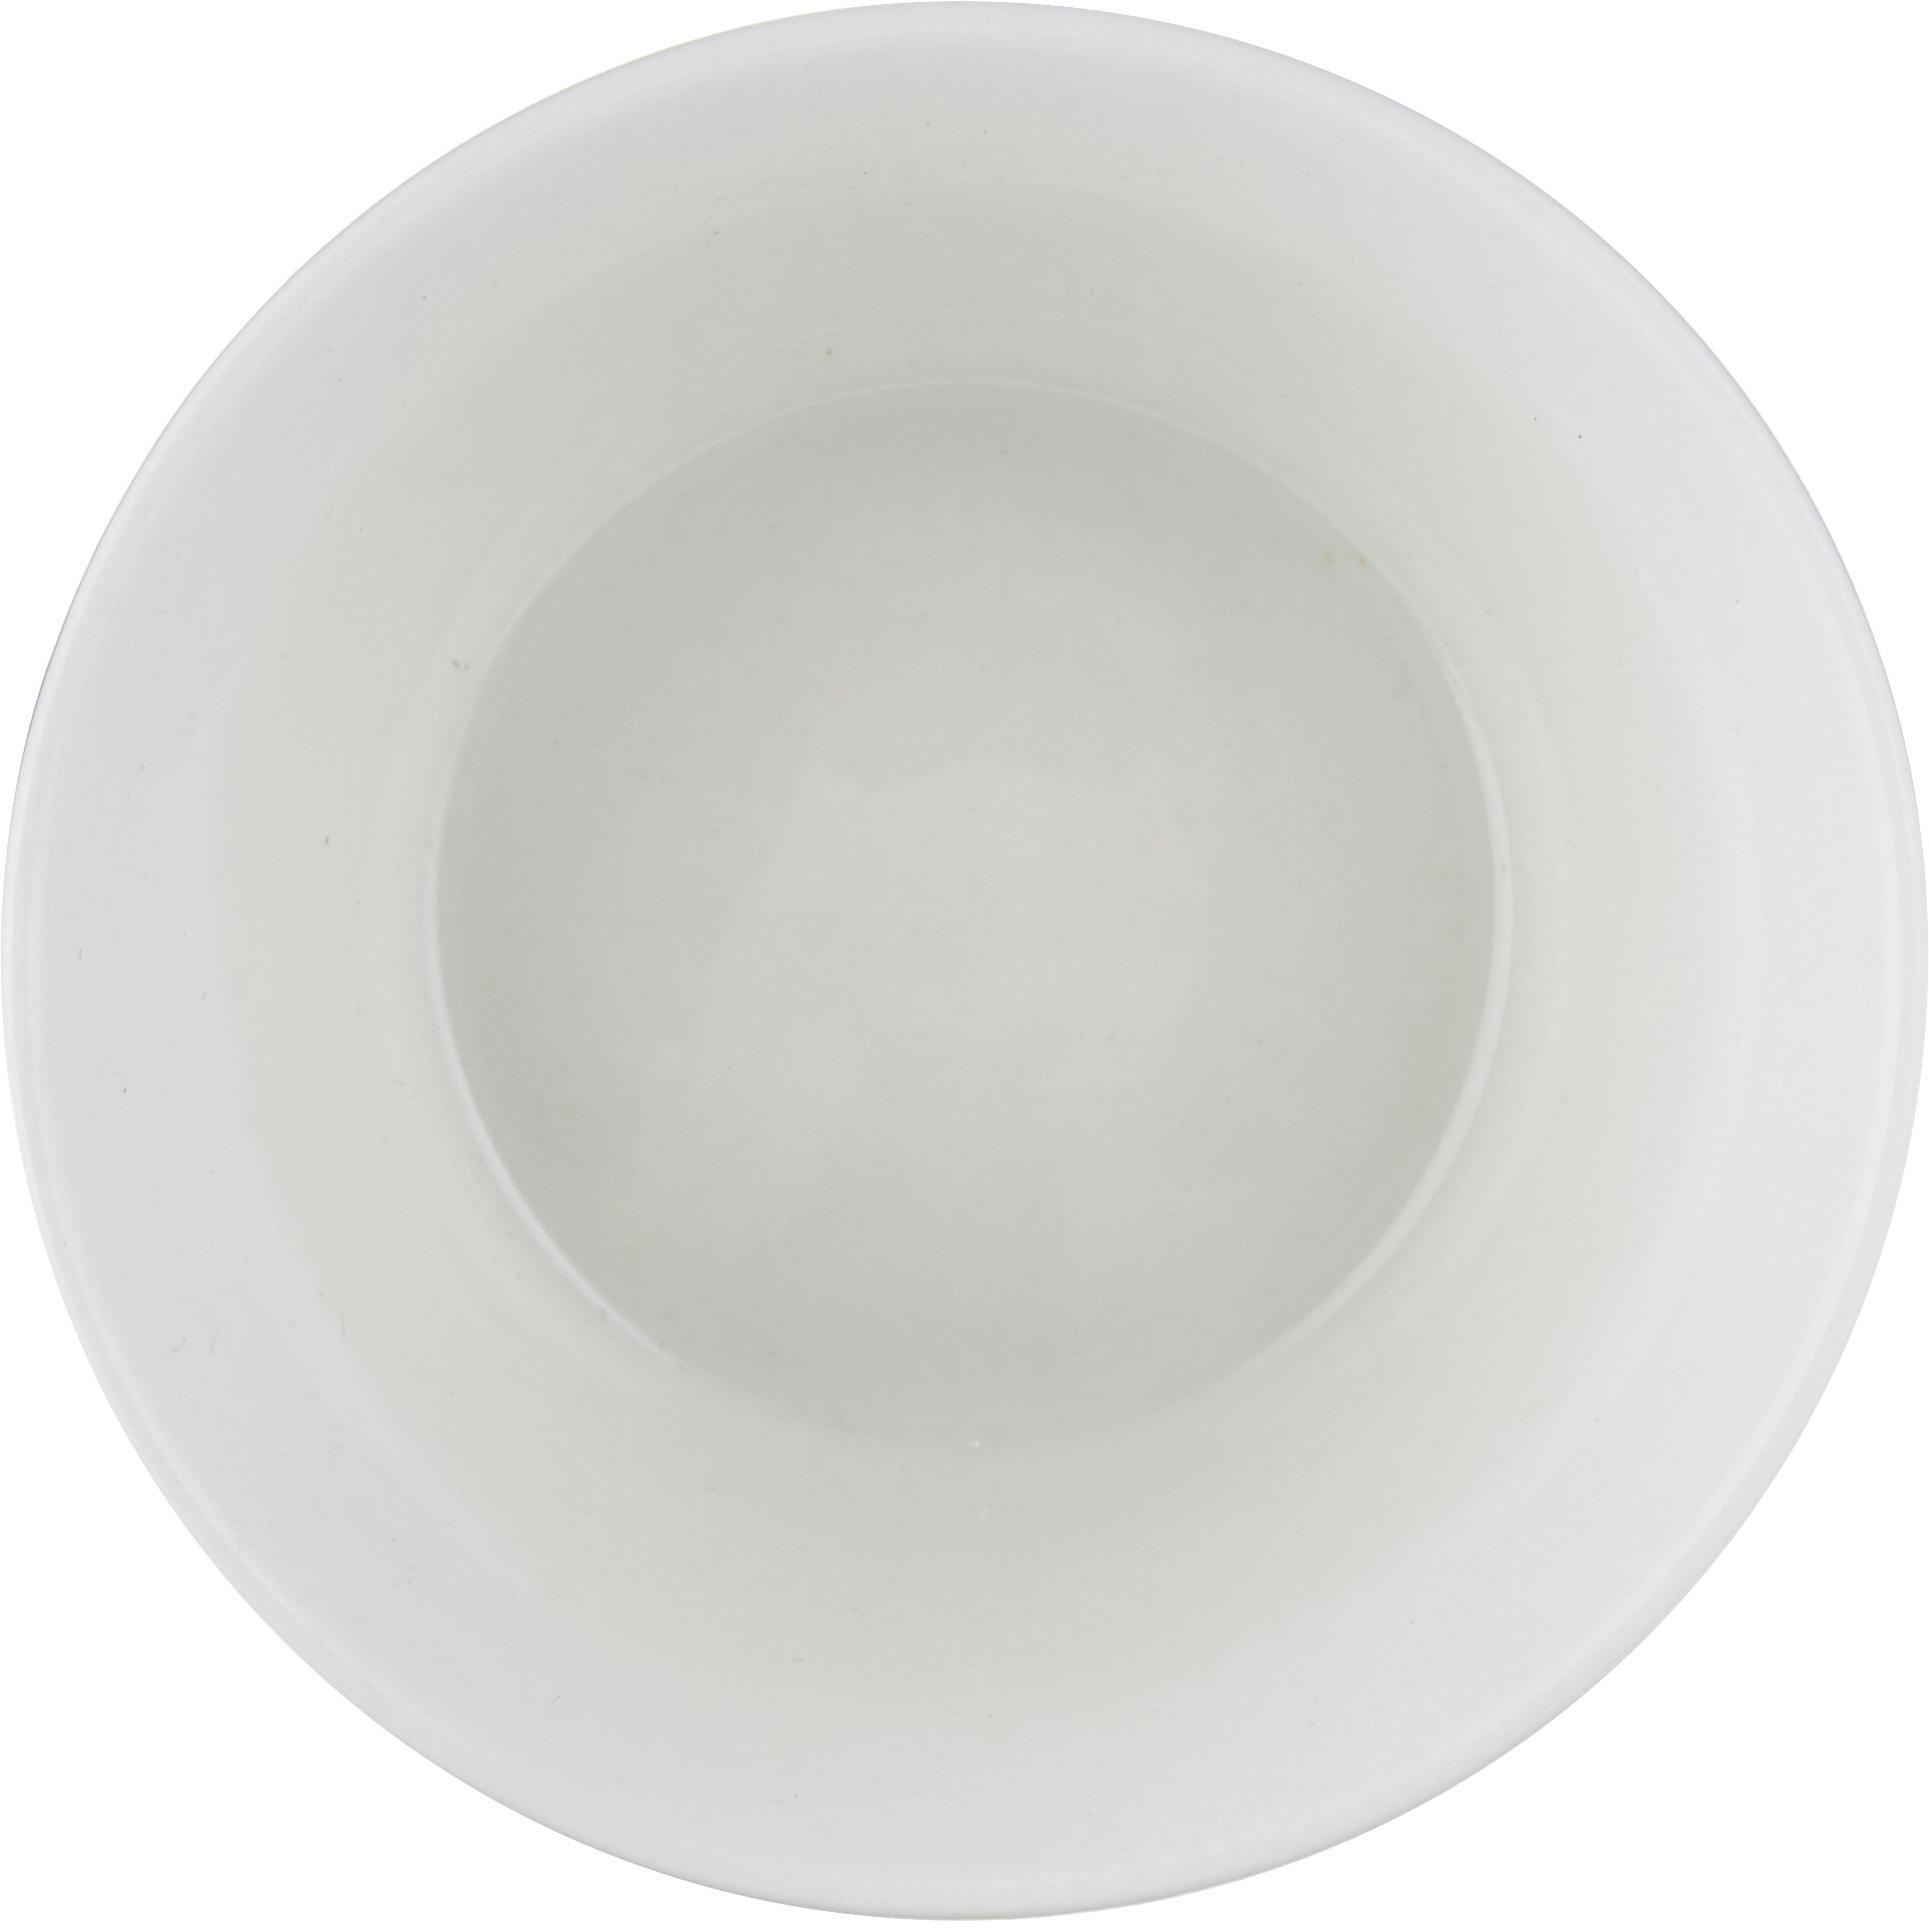 Ciotola con decoro a righe Pluto Loft 4 pz, Porcellana, Nero, bianco, dorato, Ø 10 x Alt. 6 cm